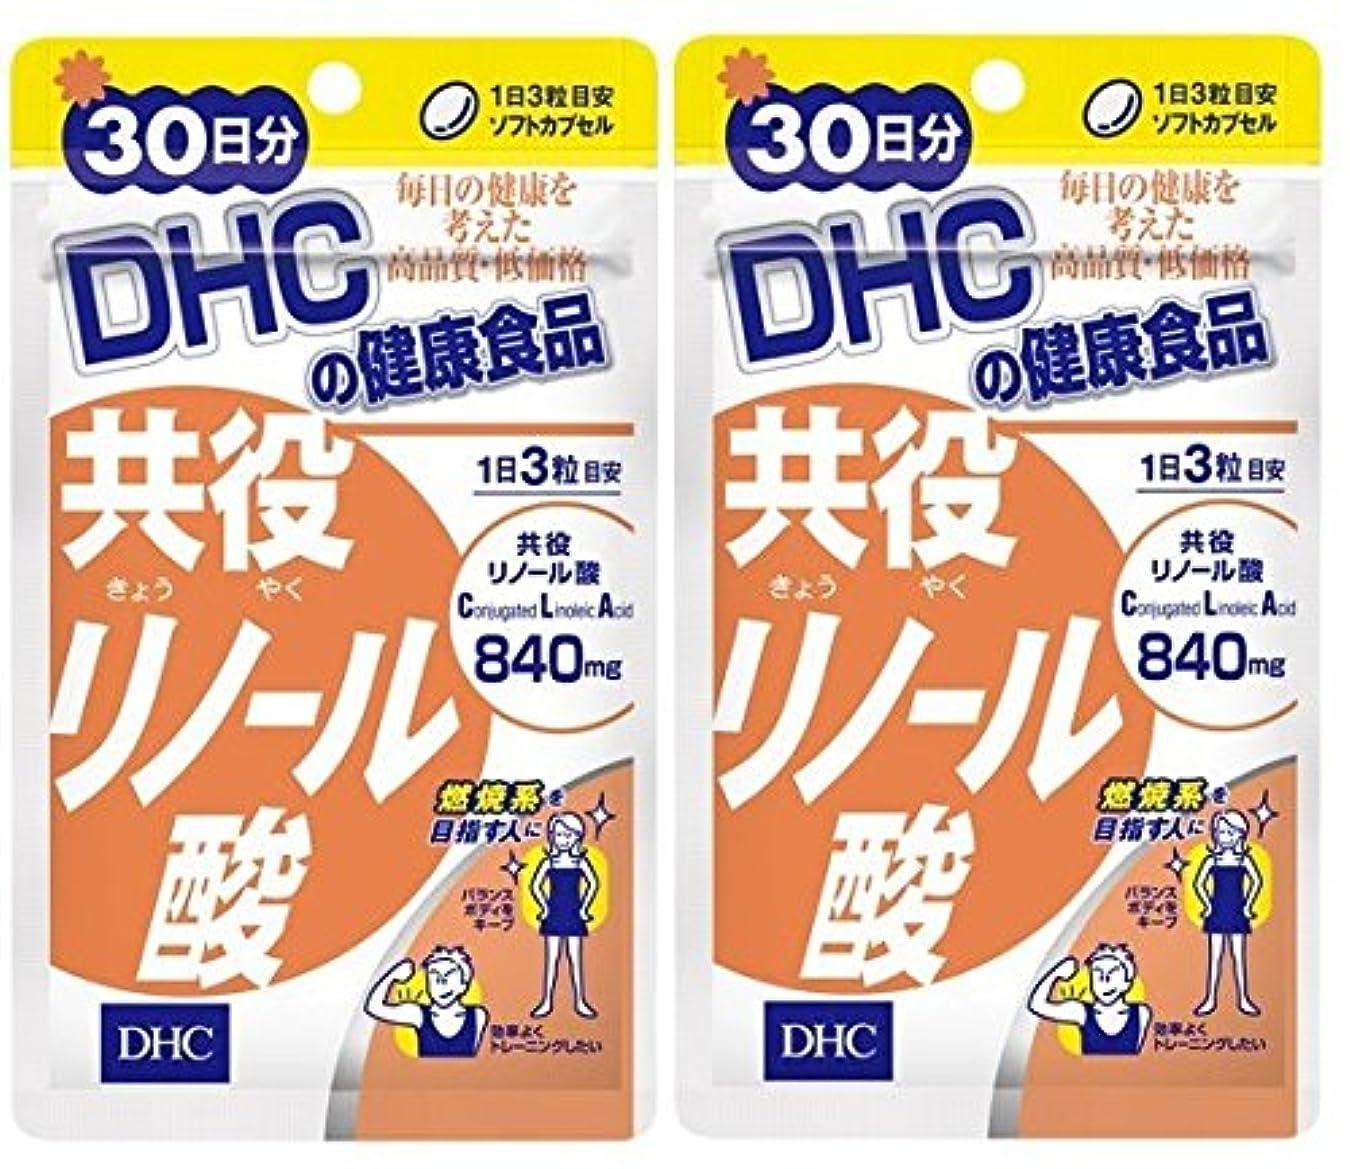 クリーク謎めいた炭水化物DHC 共役(きょうやく)リノール酸 30日分 ×2袋 (お徳用)